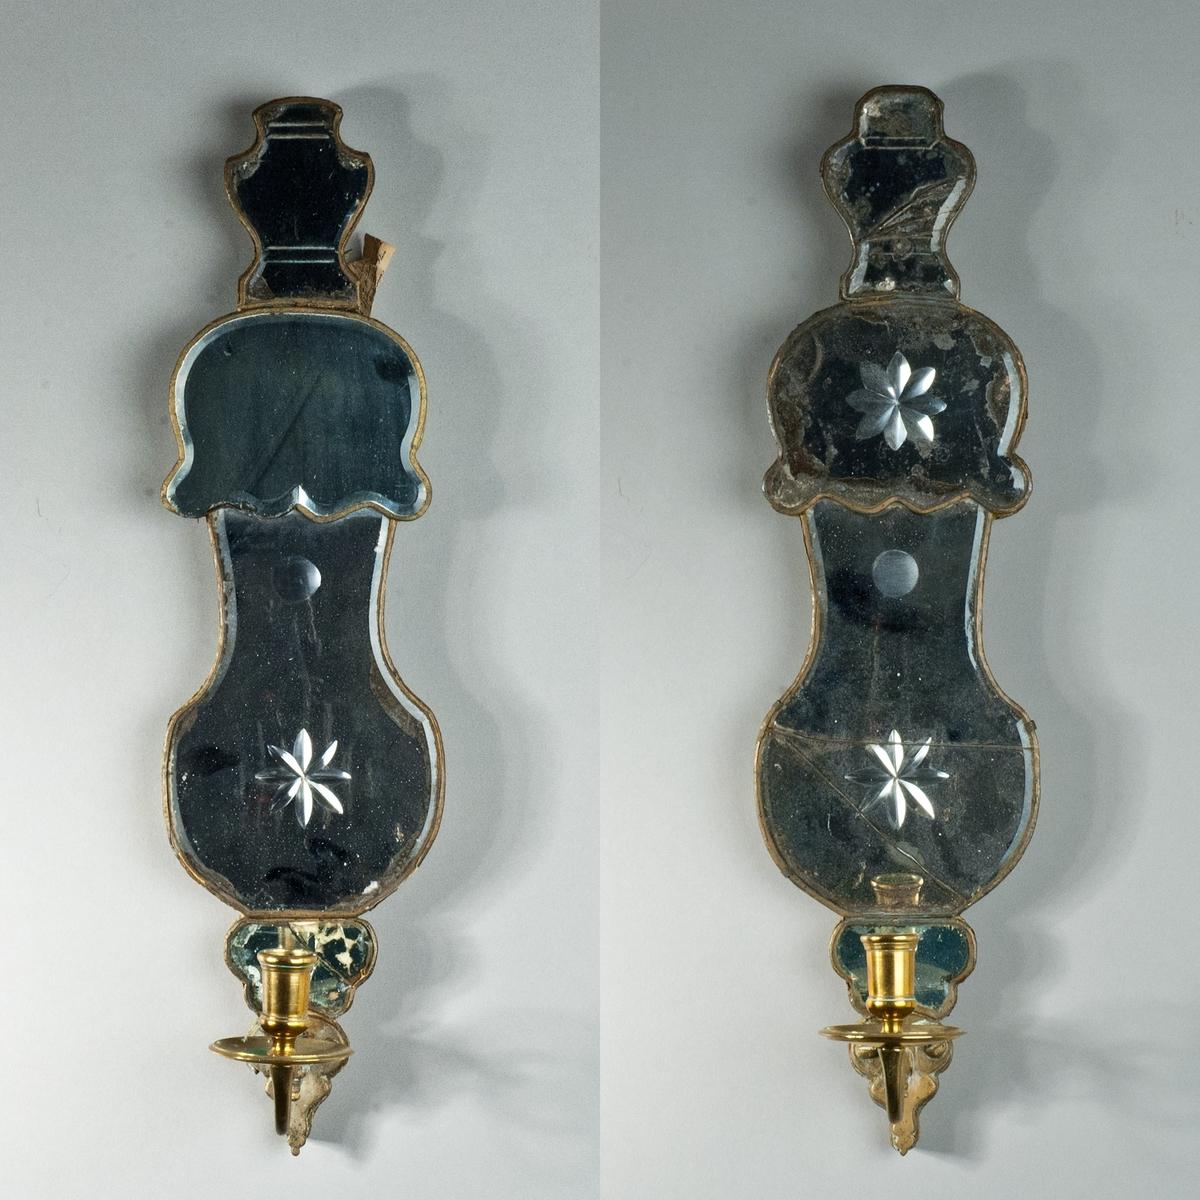 Två spegelampetter, senbarock, av glas med slipad dekor och ljusarmar av mässing.